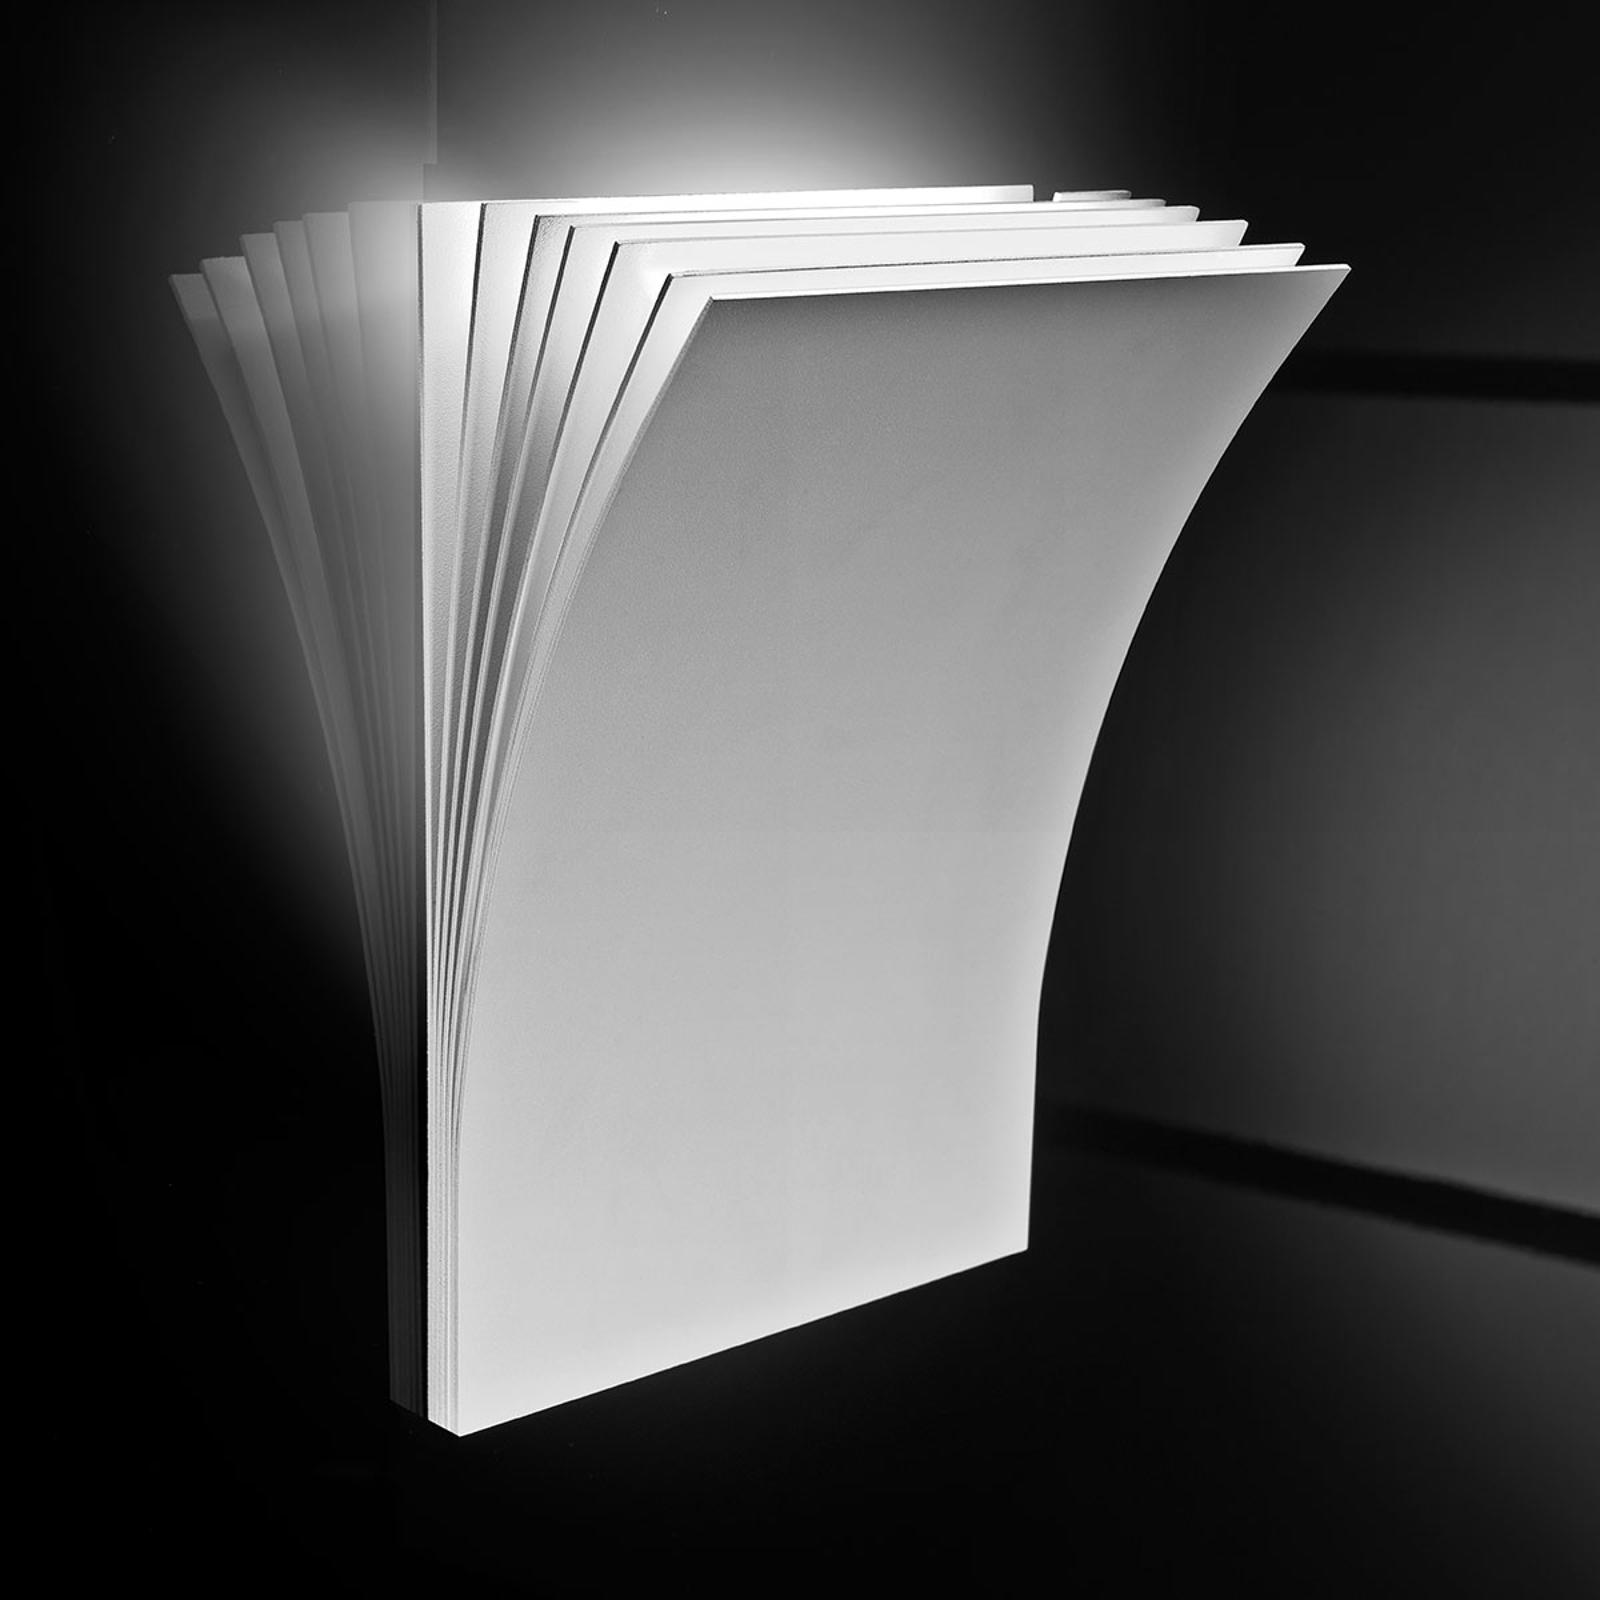 Axolight Polia LED nástěnné světlo bílé 19cm